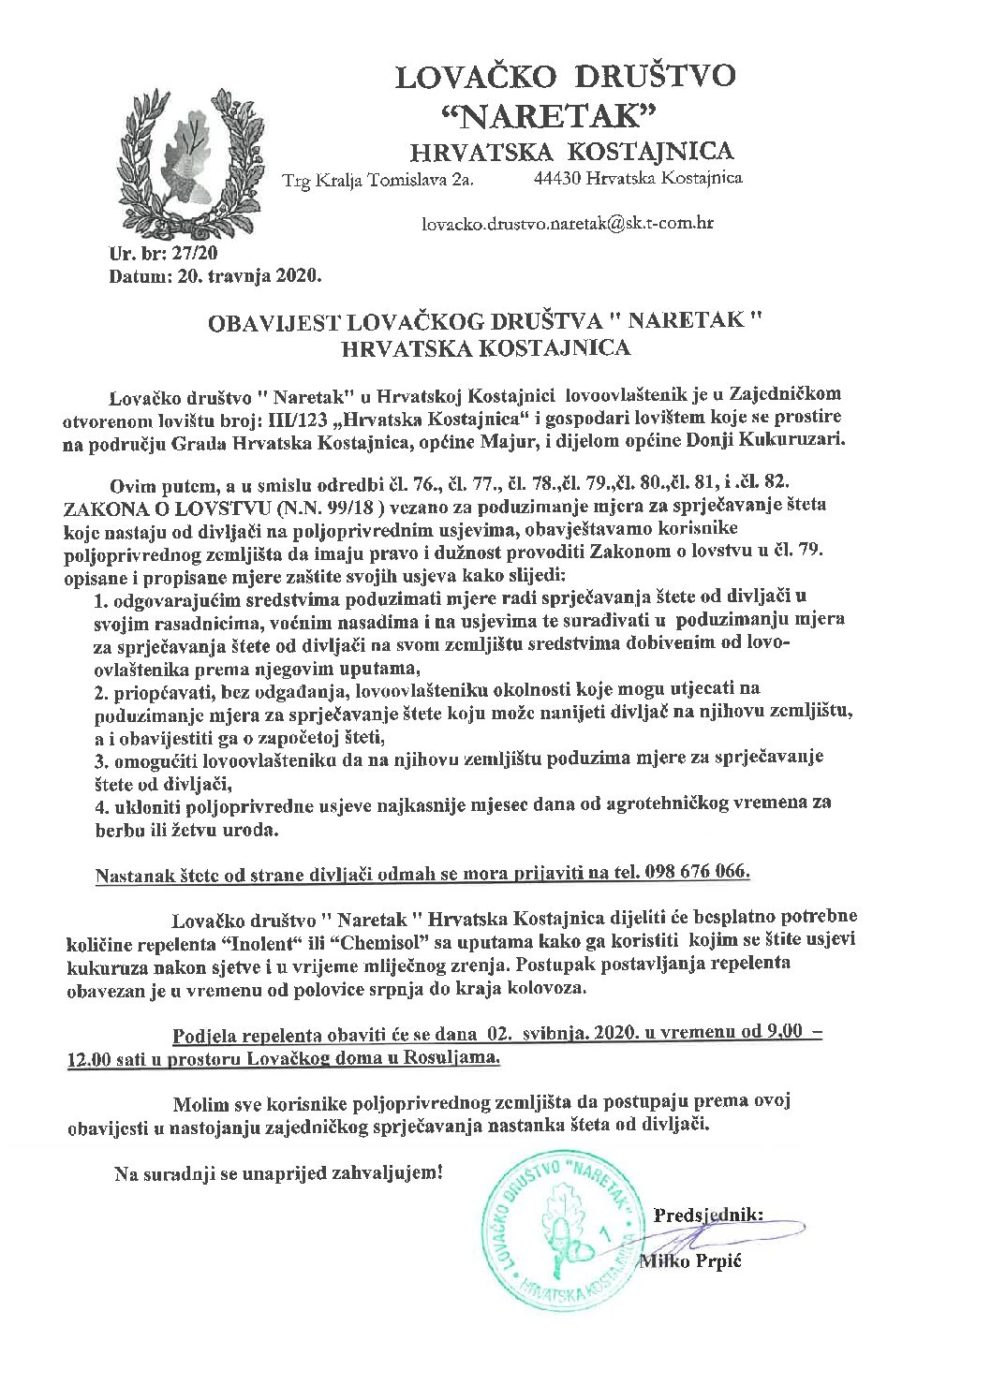 Obavijest Lovačkog društva ˝Naretak˝ Hrvatska Kostajnica